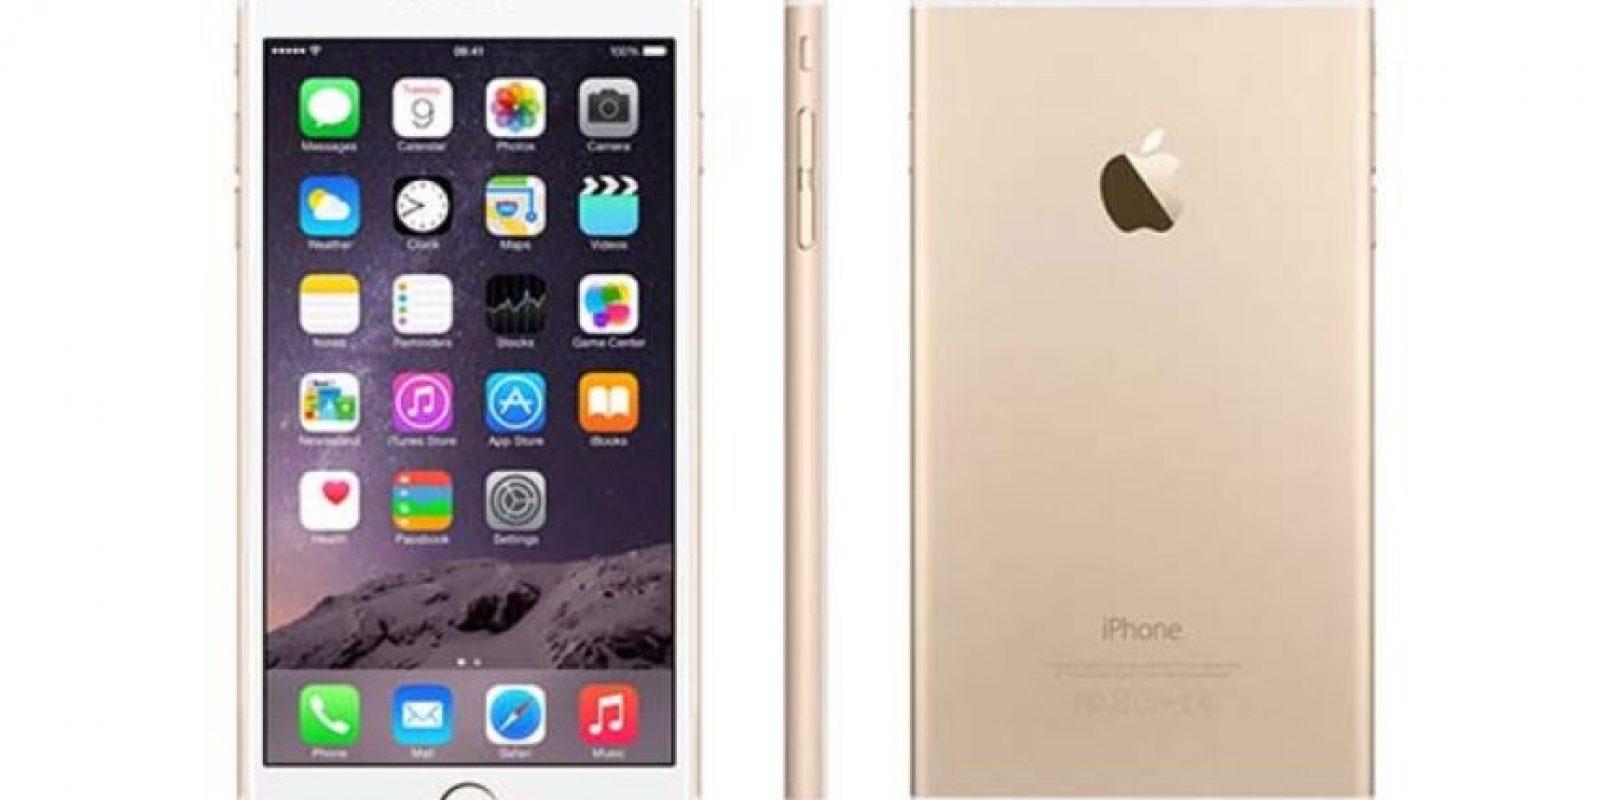 iPhone fue presentado en septiembre pasado. Foto:Apple